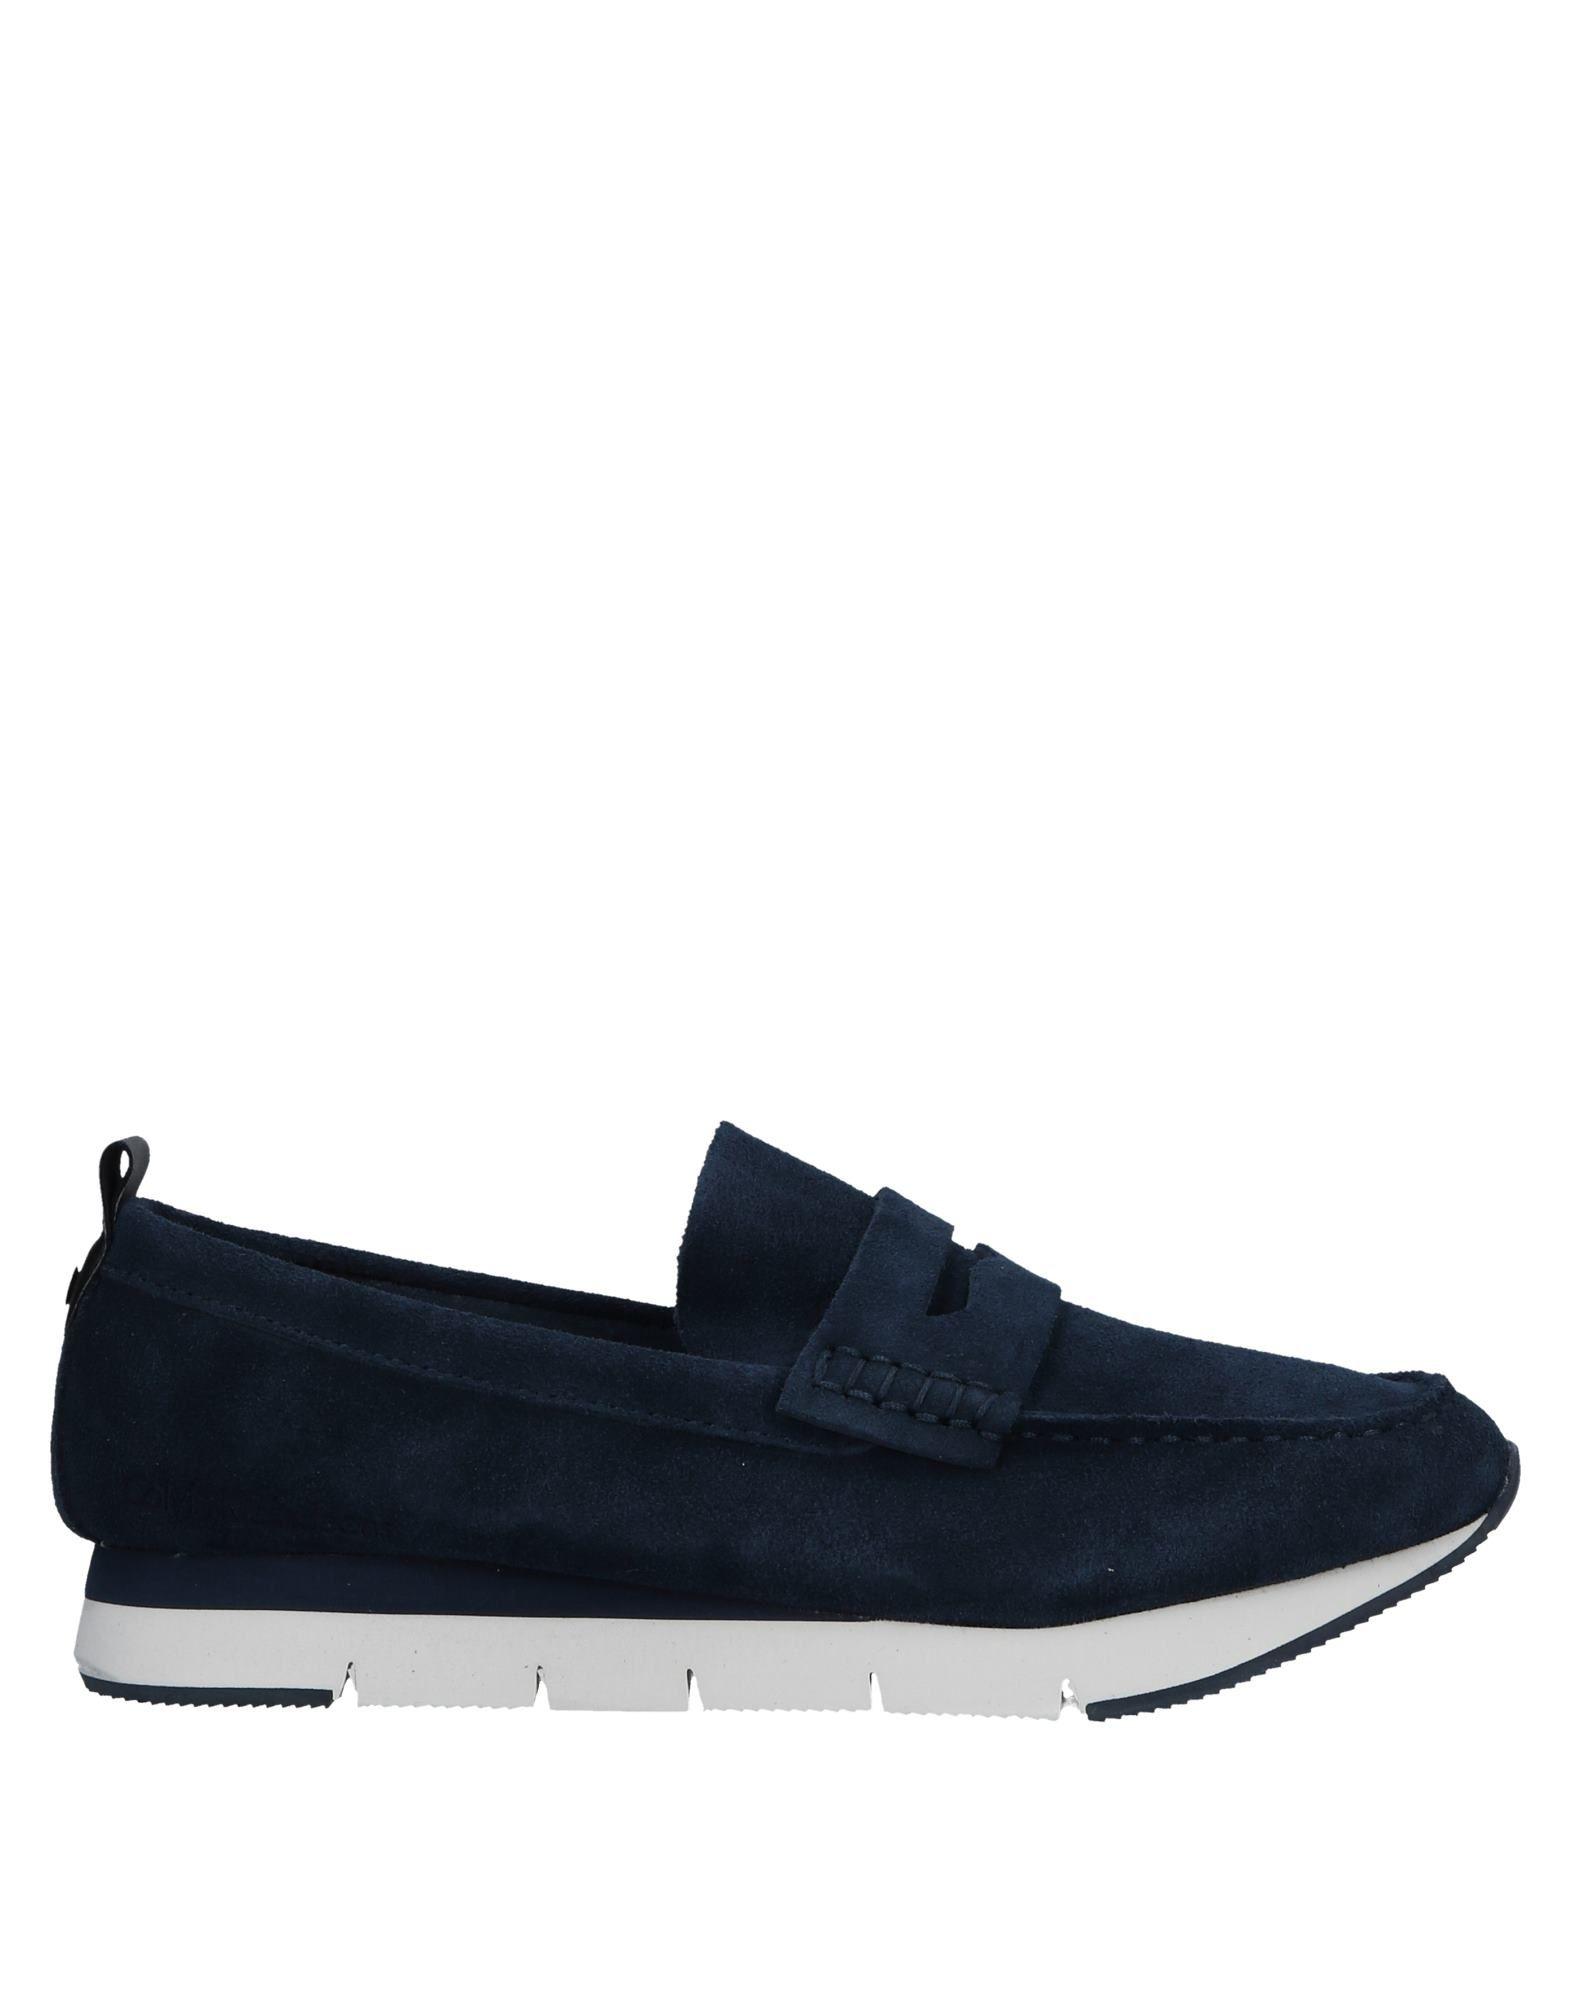 Rabatt echte Schuhe Calvin Klein Jeans Mokassins Herren  11517806SB